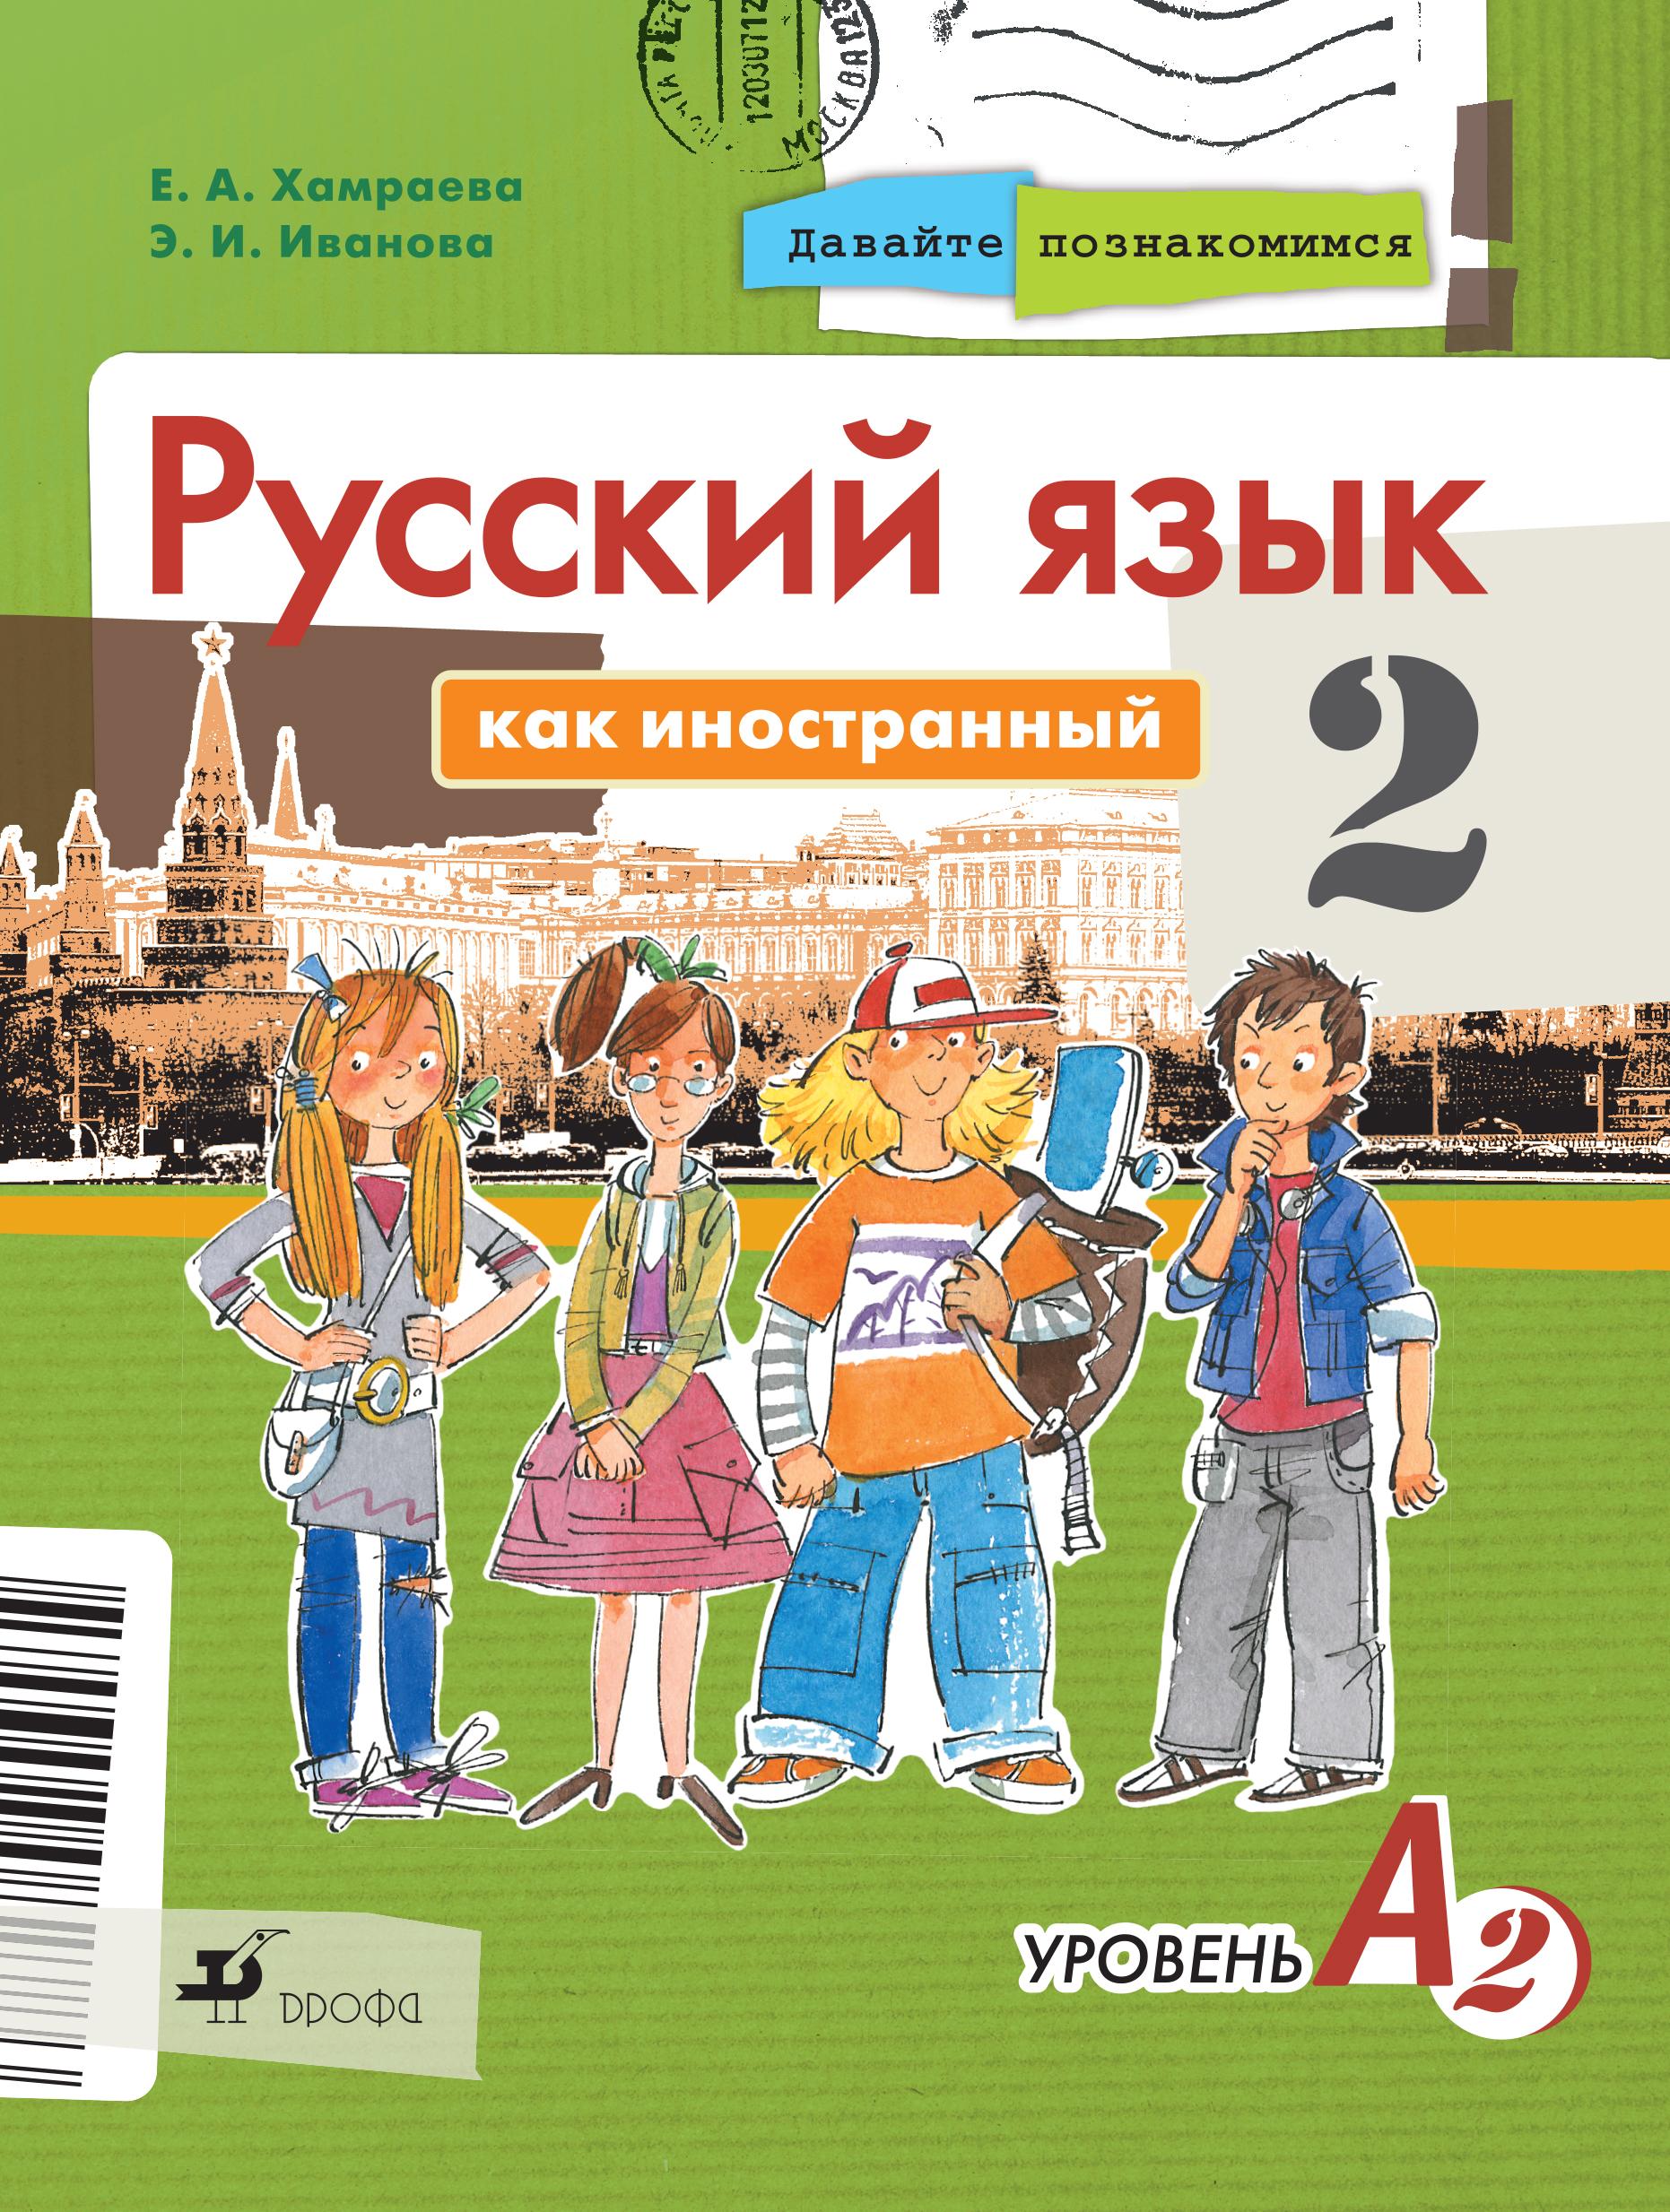 Русский как иностранный. Давайте познакомимся. 2-й год обучения. Уровень А2